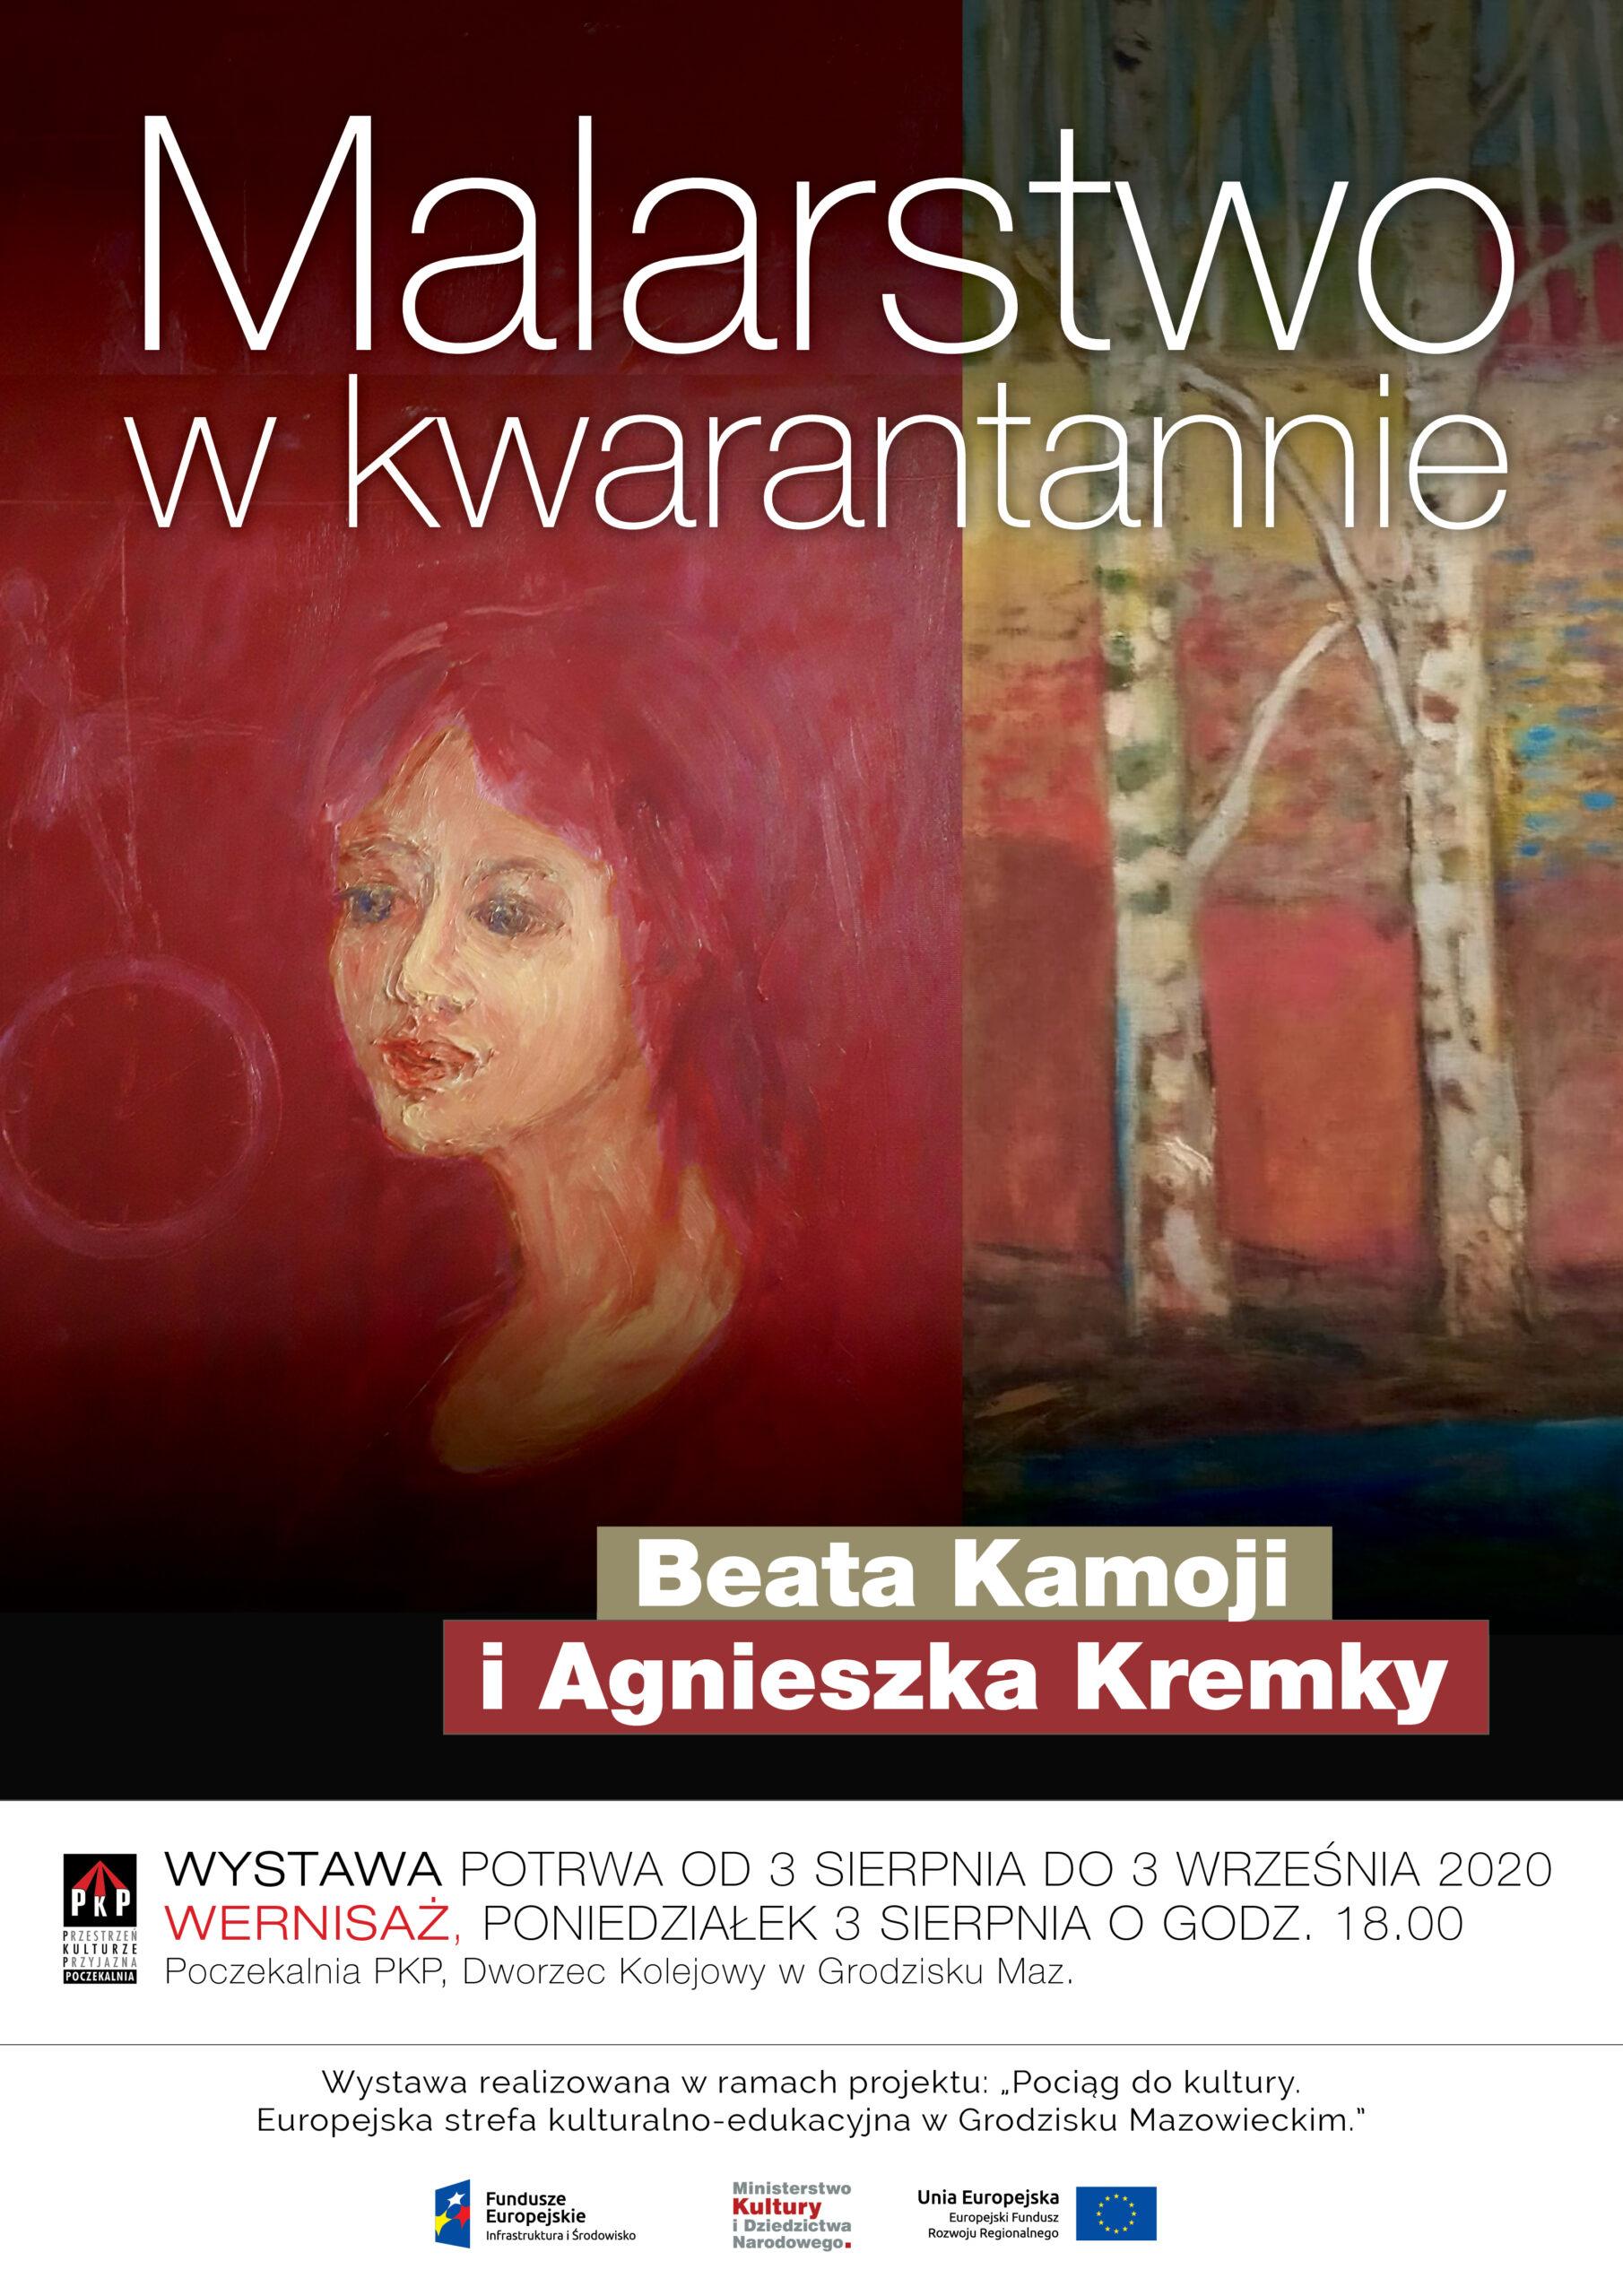 Malarstwo w kwarantannie – Agnieszka Kremky i Beata Kamoji